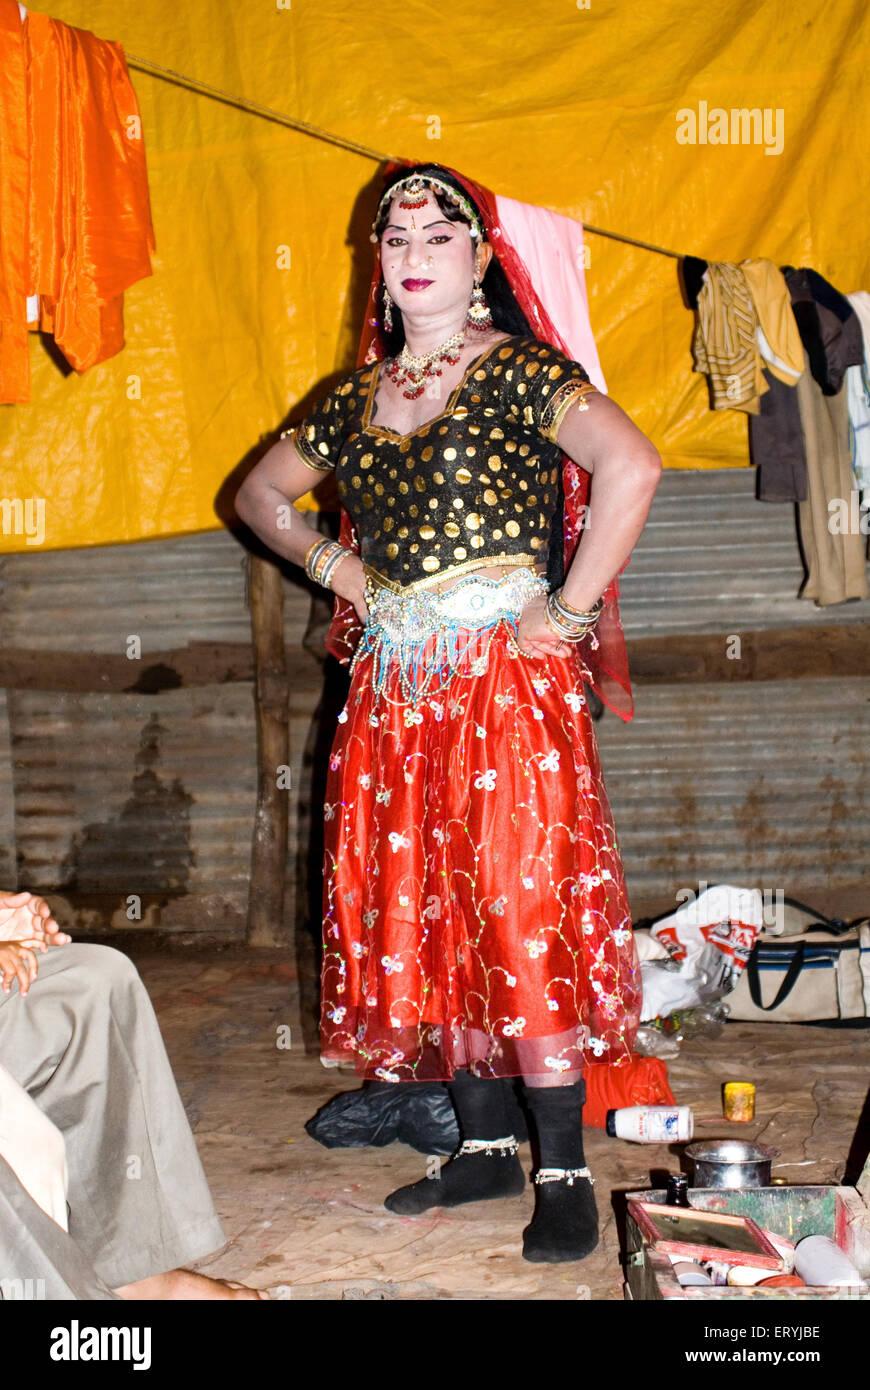 Dans l'artiste masculin de l'Inde; caractère ramlila PAS MR Photo Stock